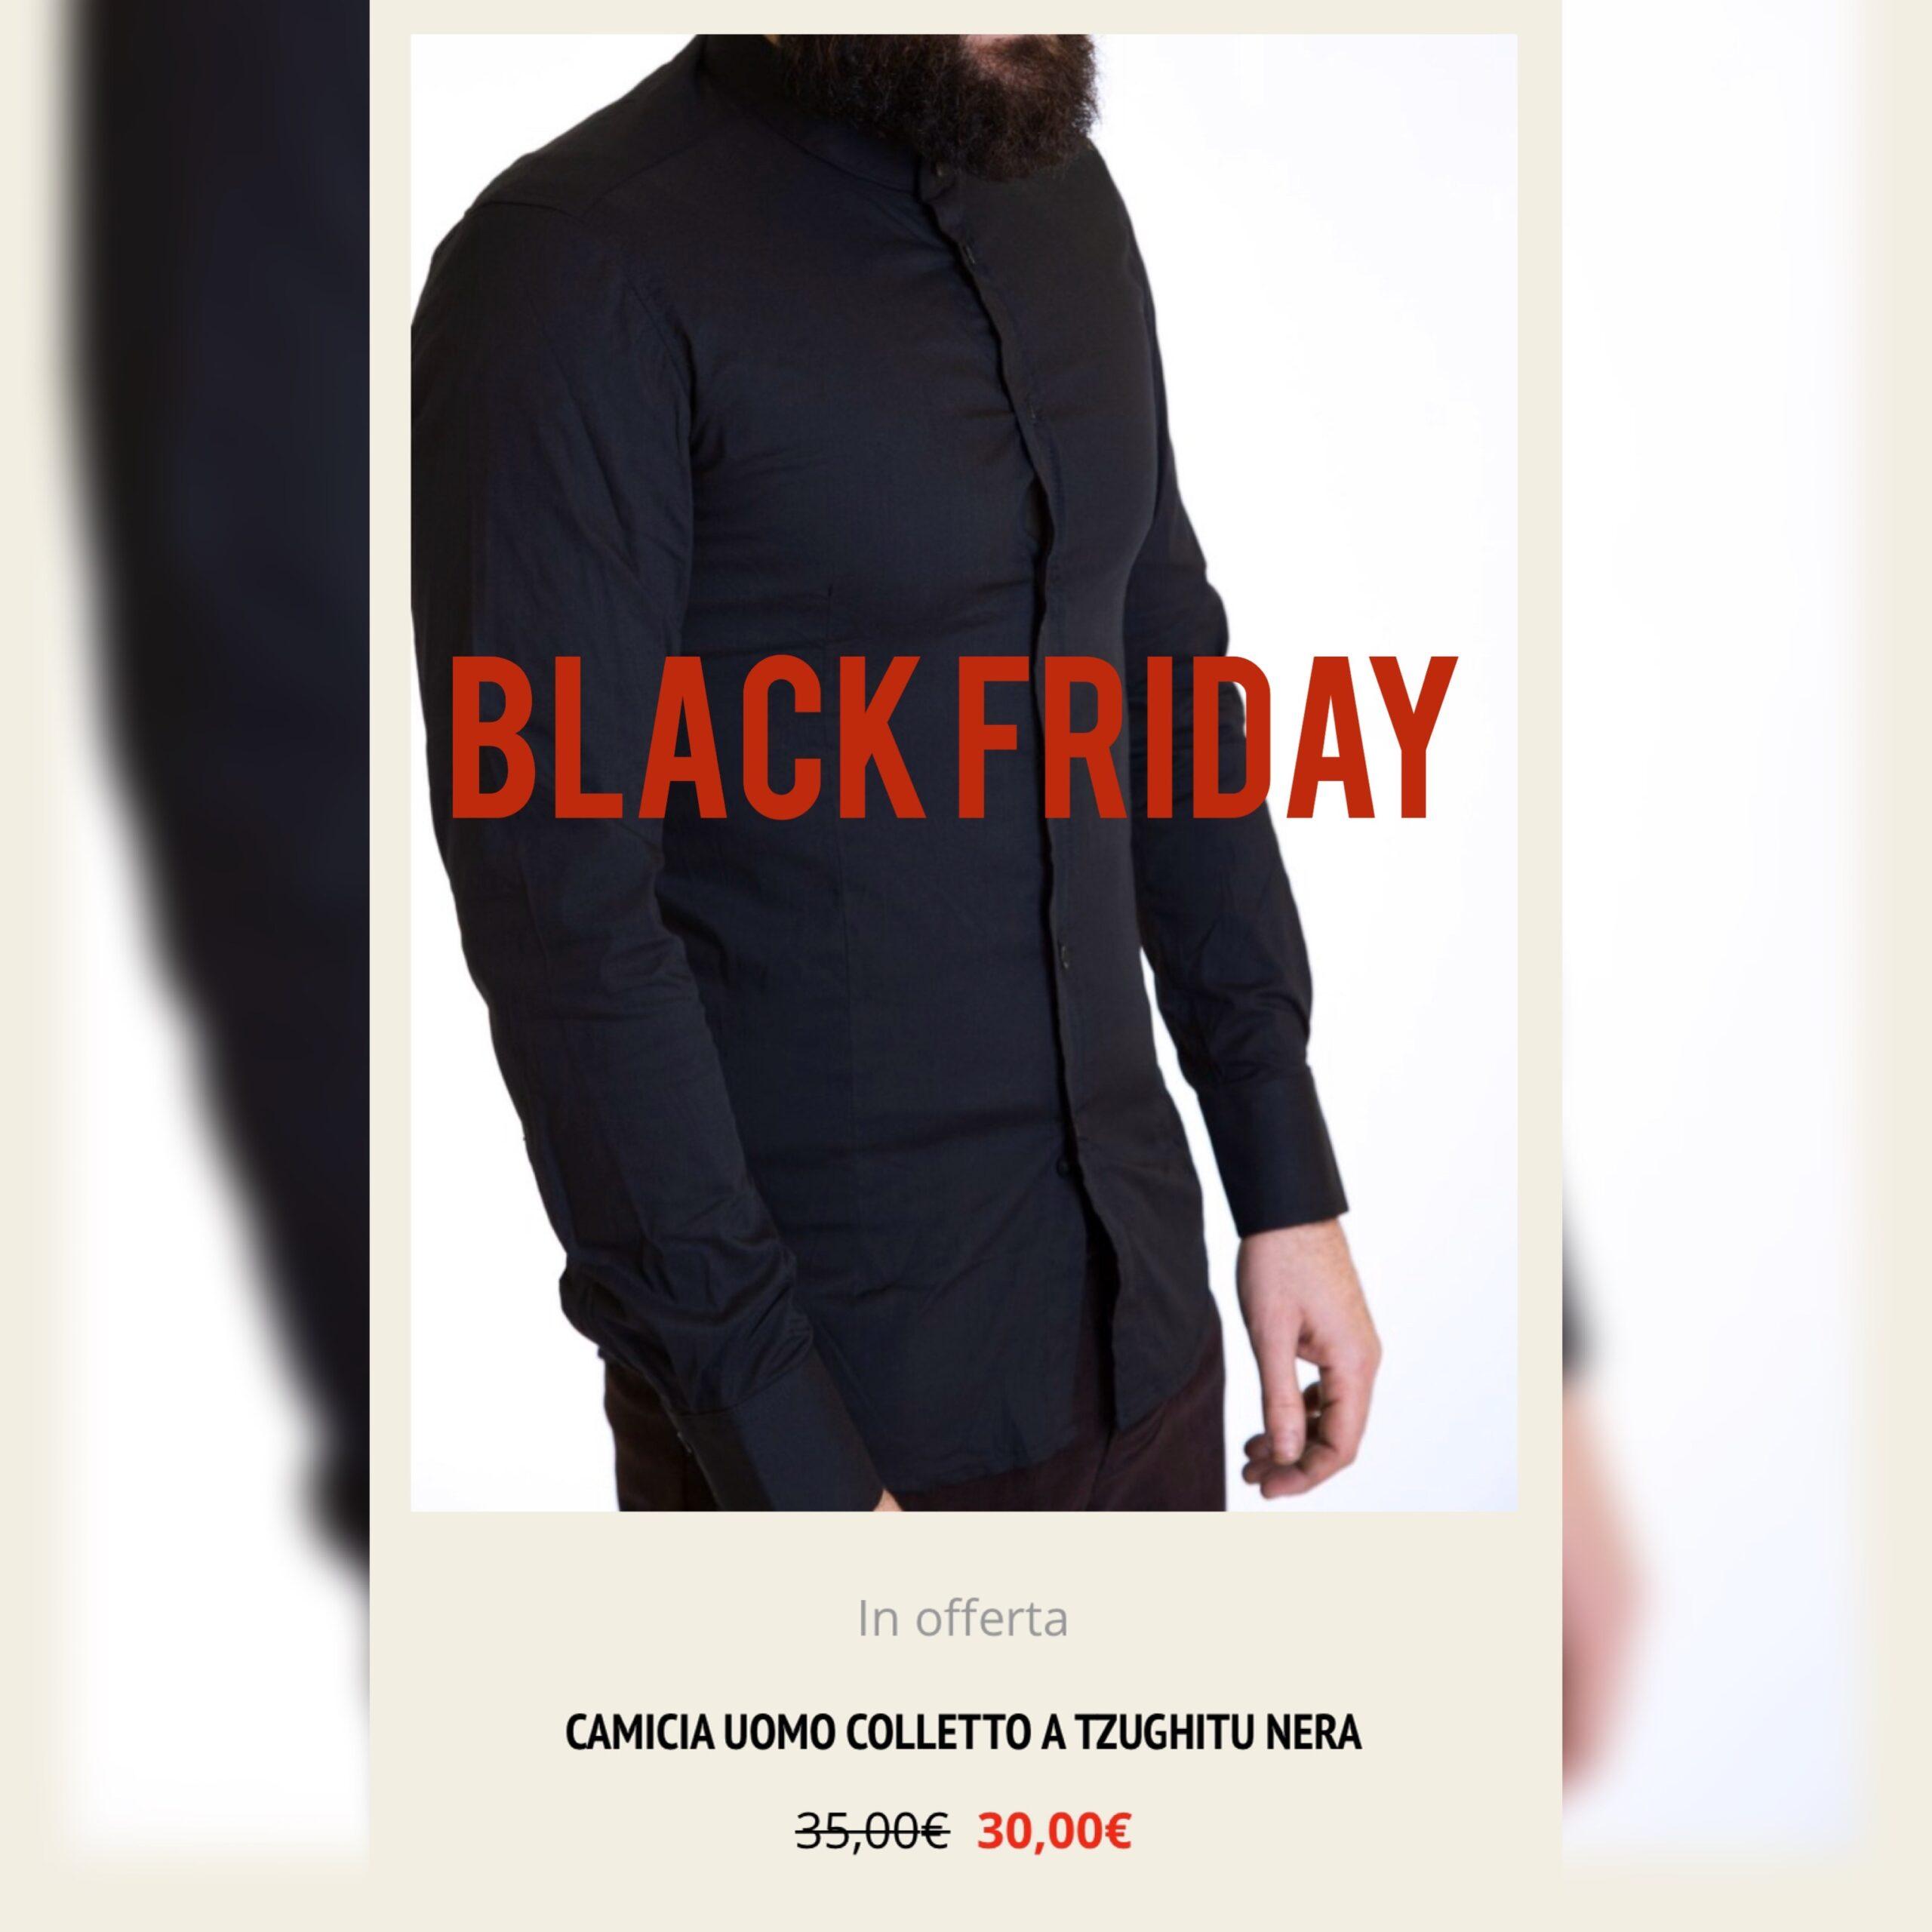 Black Friday?! Cosingius Friday